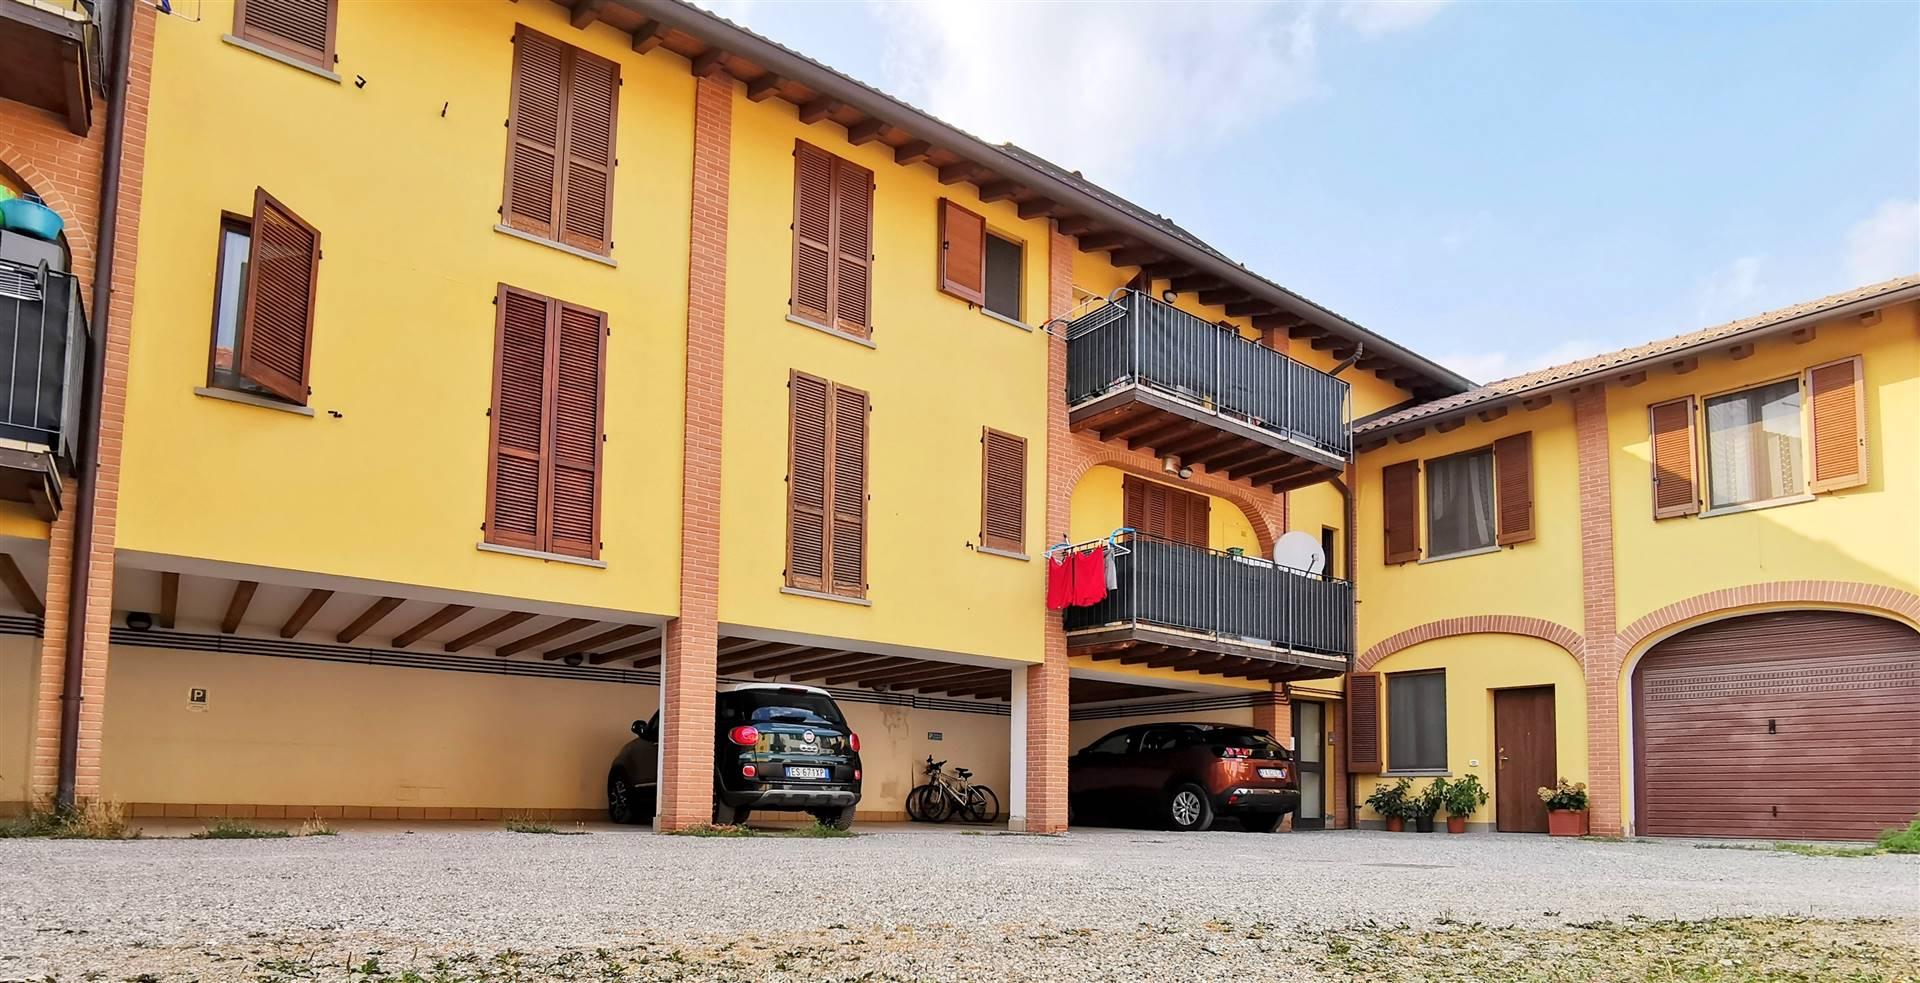 Appartamento in vendita a Trezzano Rosa, 2 locali, prezzo € 108.000 | PortaleAgenzieImmobiliari.it